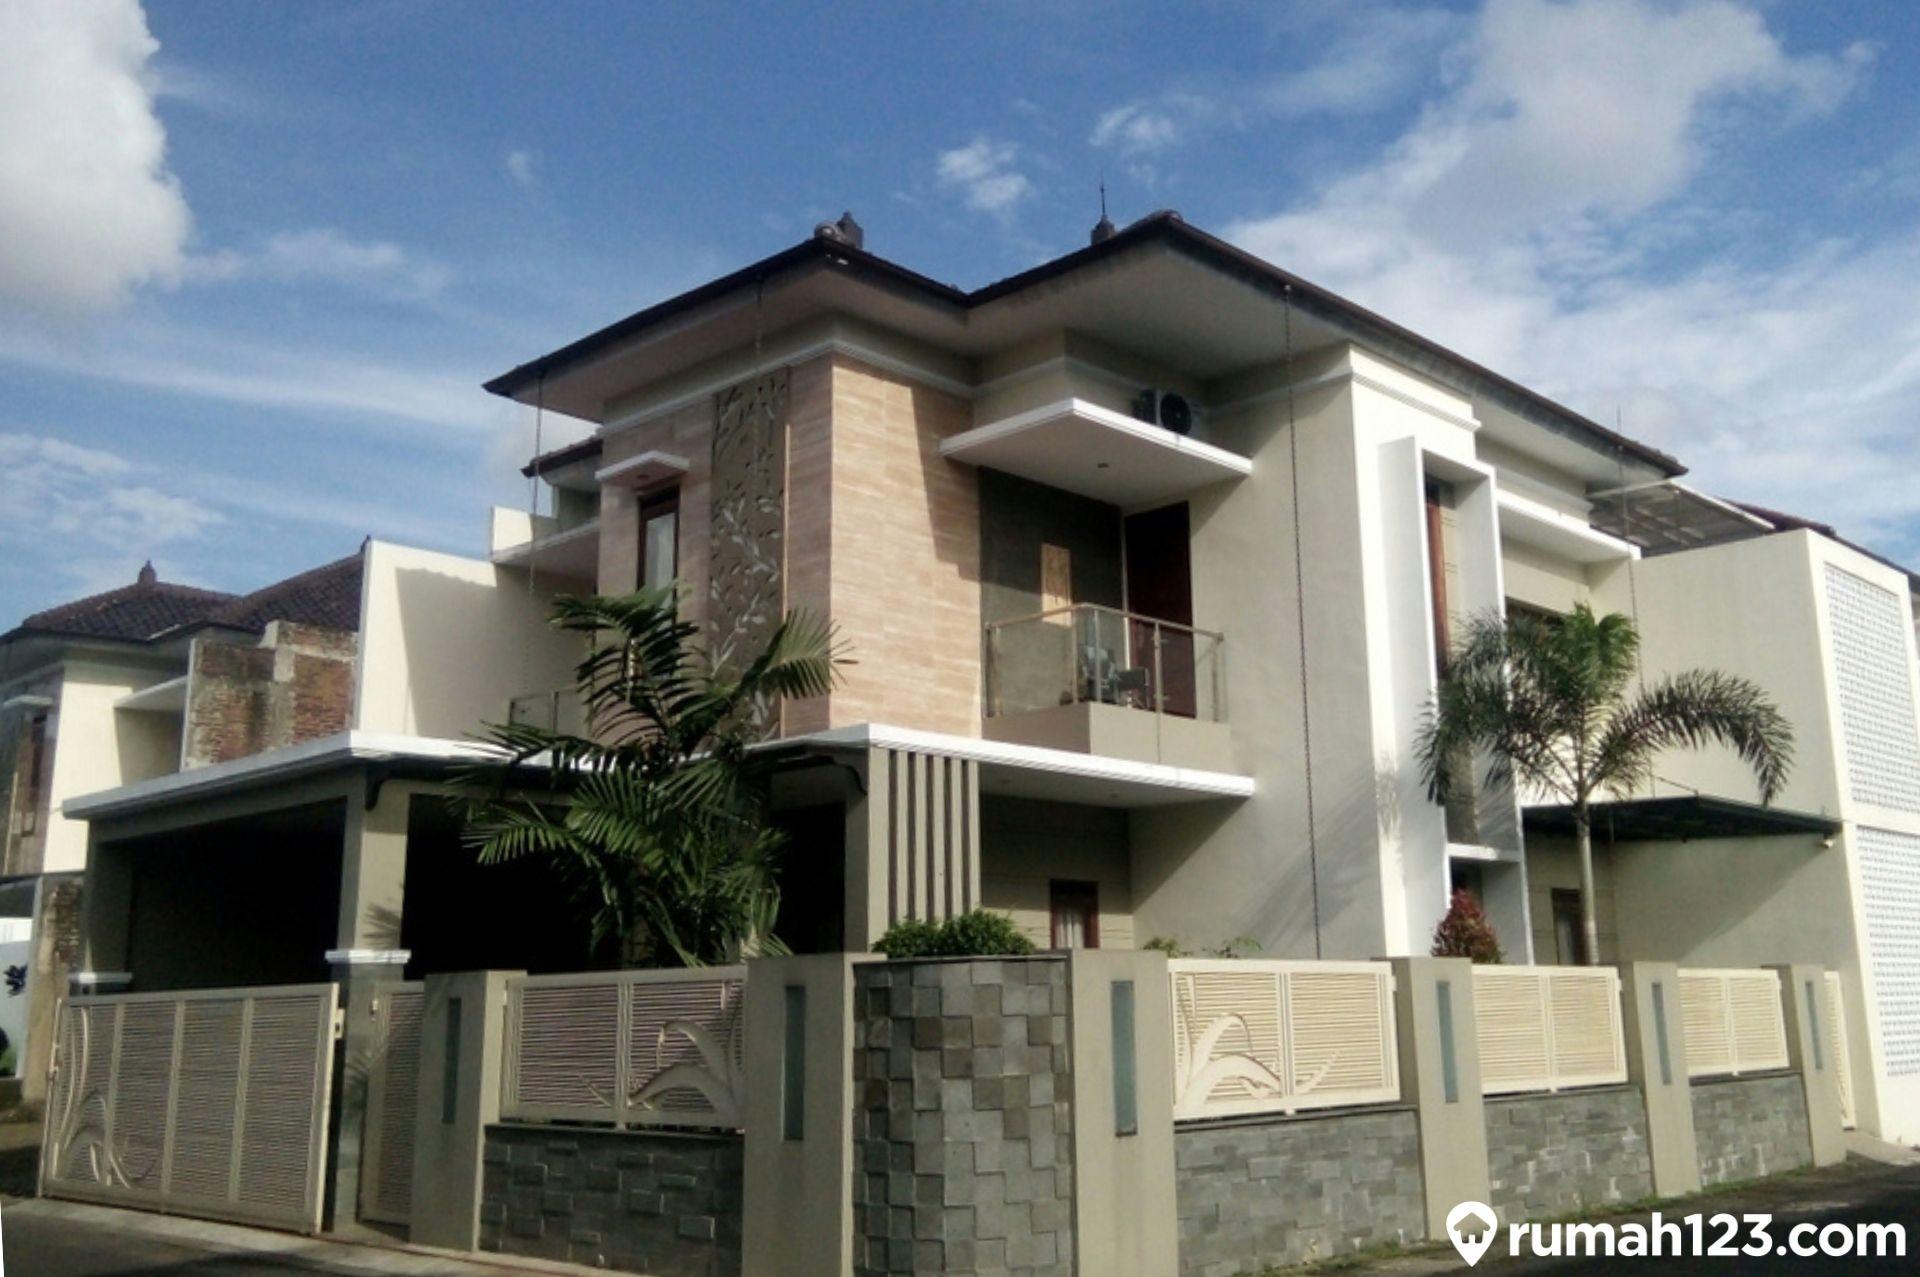 11 Desain Pagar Tembok Minimalis Yang Tampak Estetis Di Depan Rumah Rumah123 Com